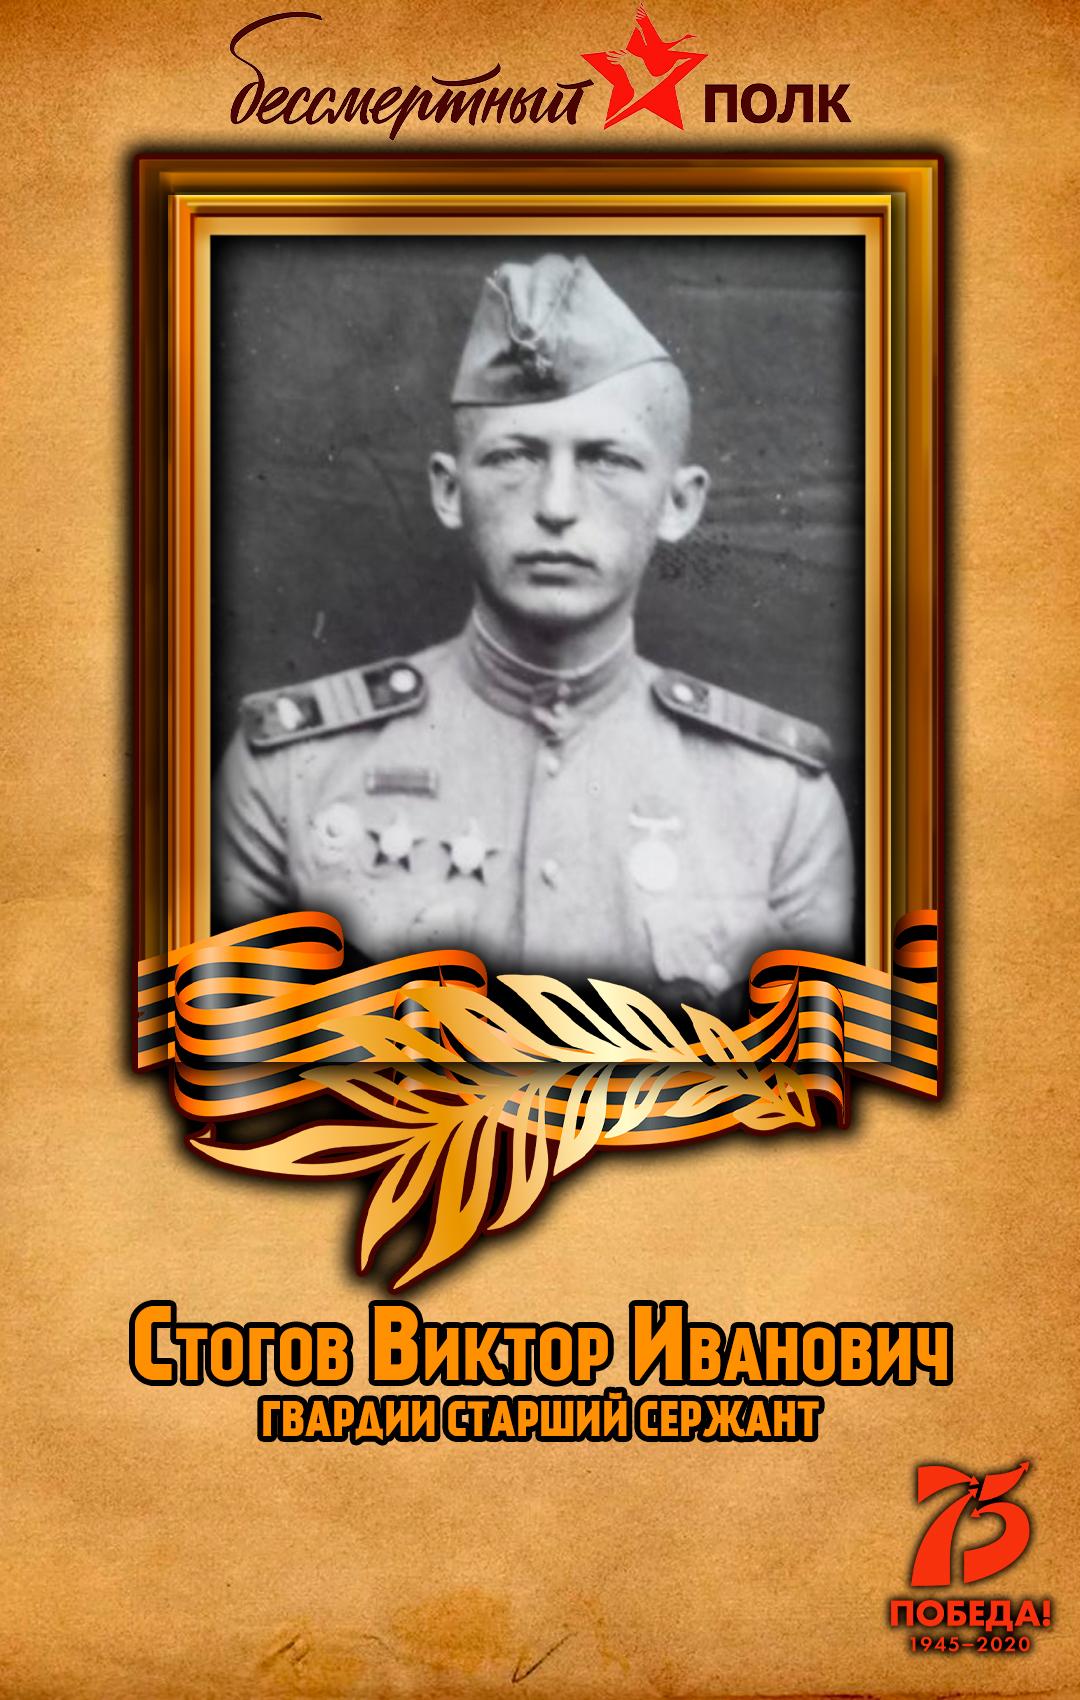 Стогов-Виктор-Иванович